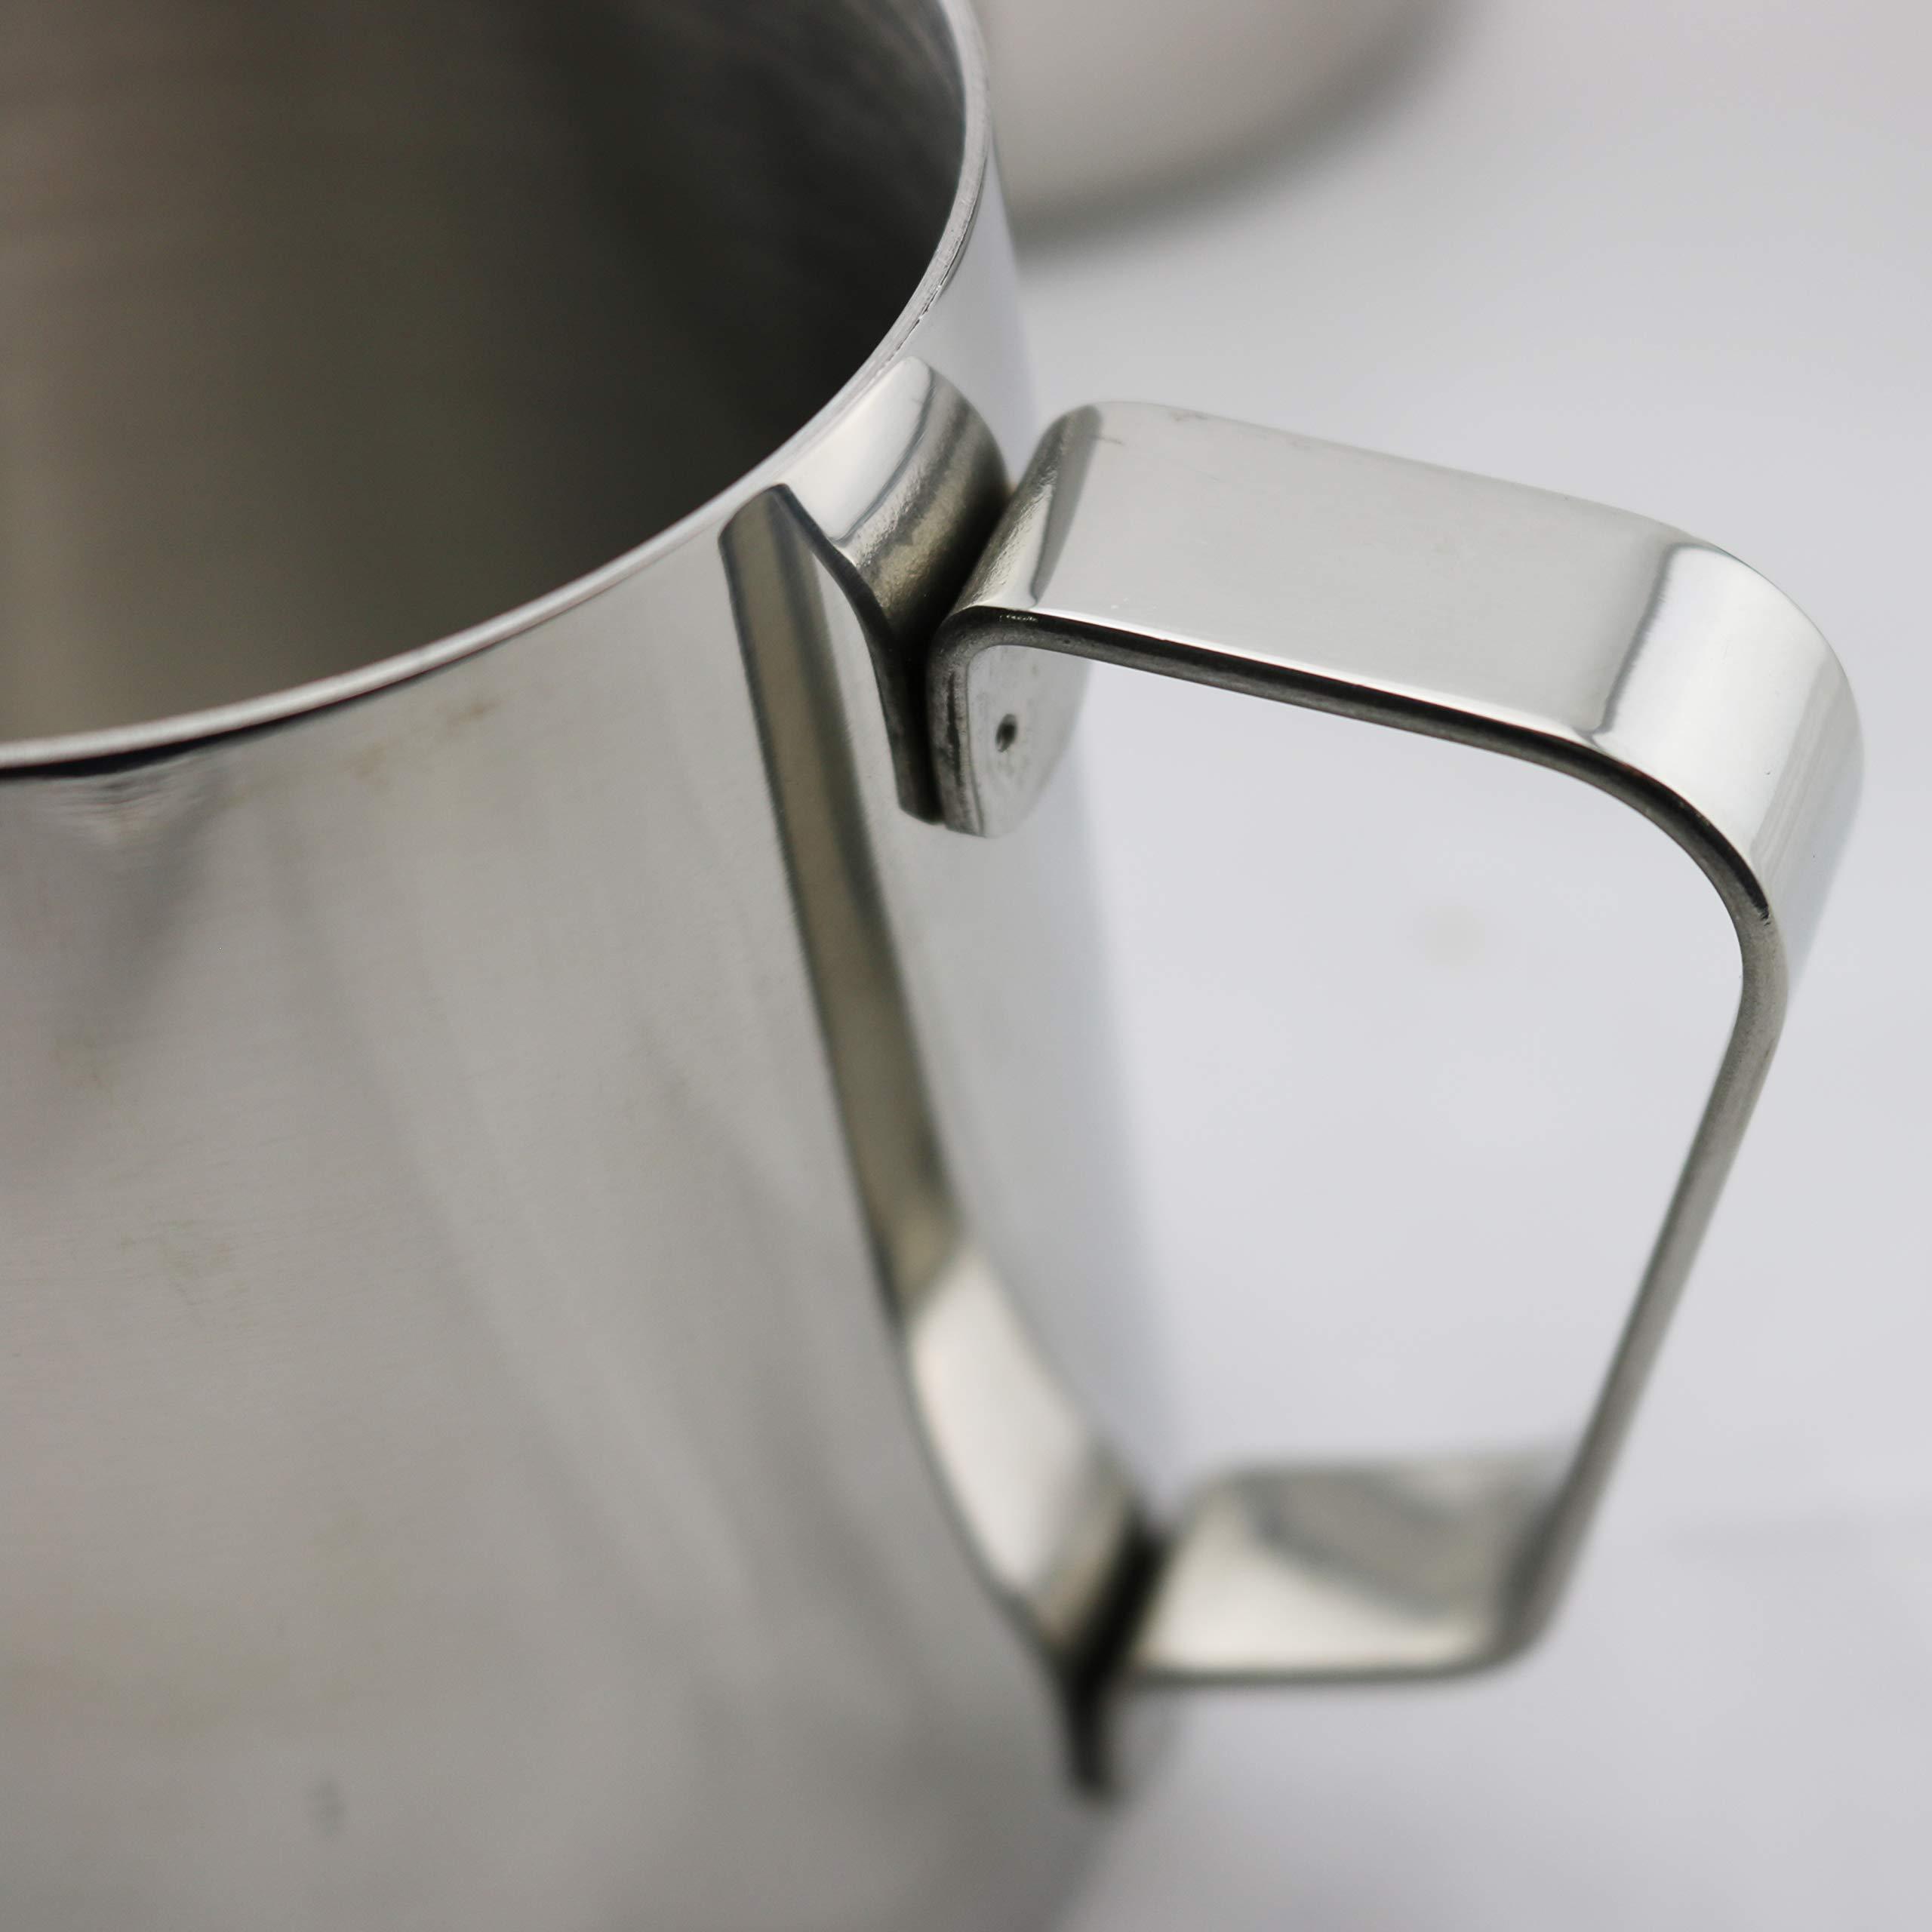 Rhino Coffee Gear RHMJ32oz 0799439358034 Milk Pitcher, 32 oz, Silver by Rhino Coffee Gear